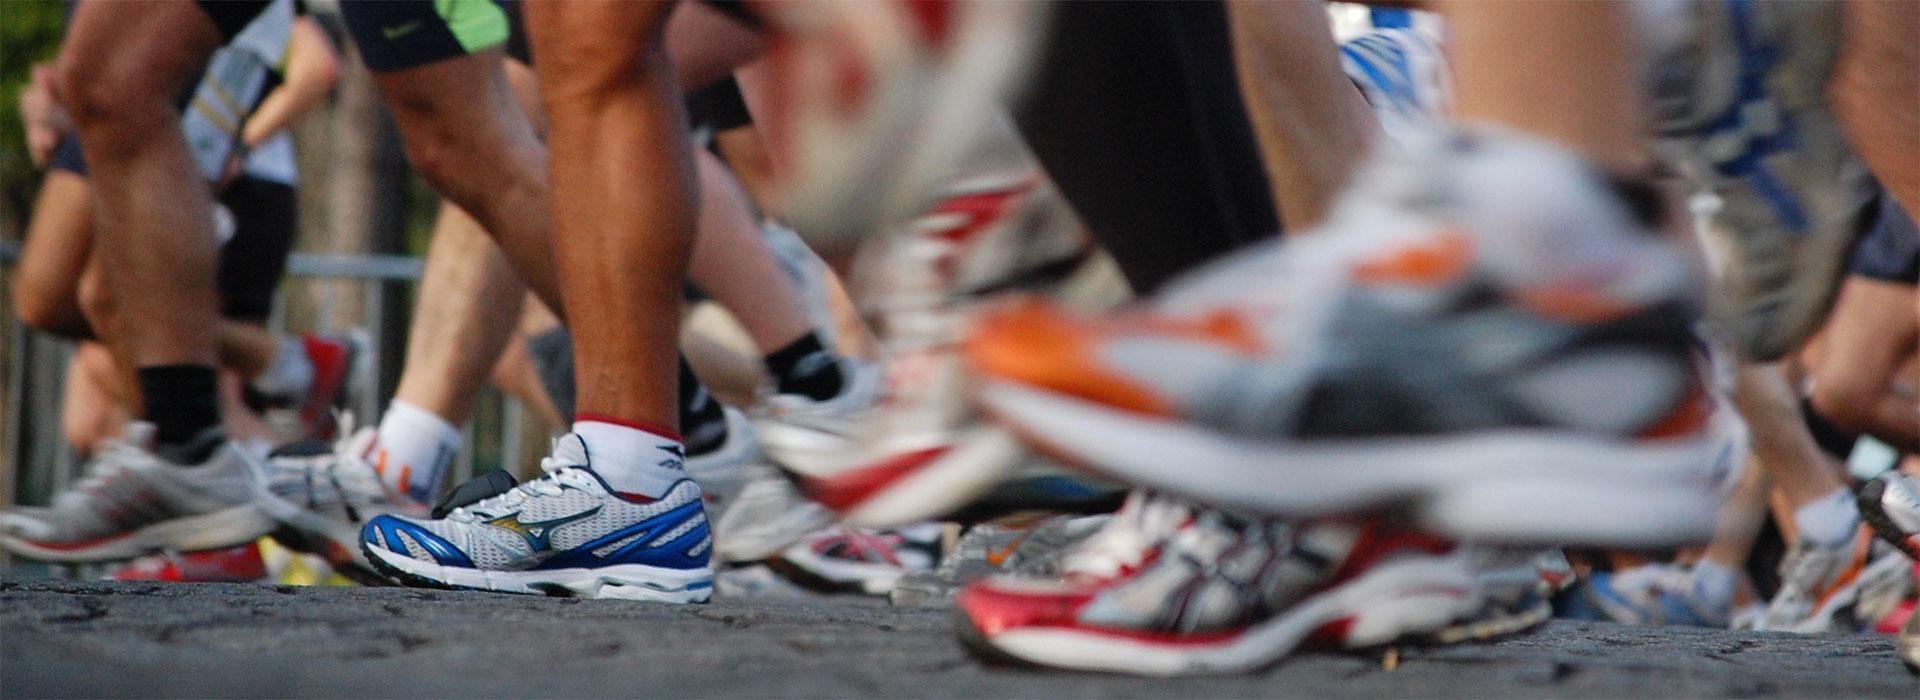 sistime--maratona-adidas-boost-capa